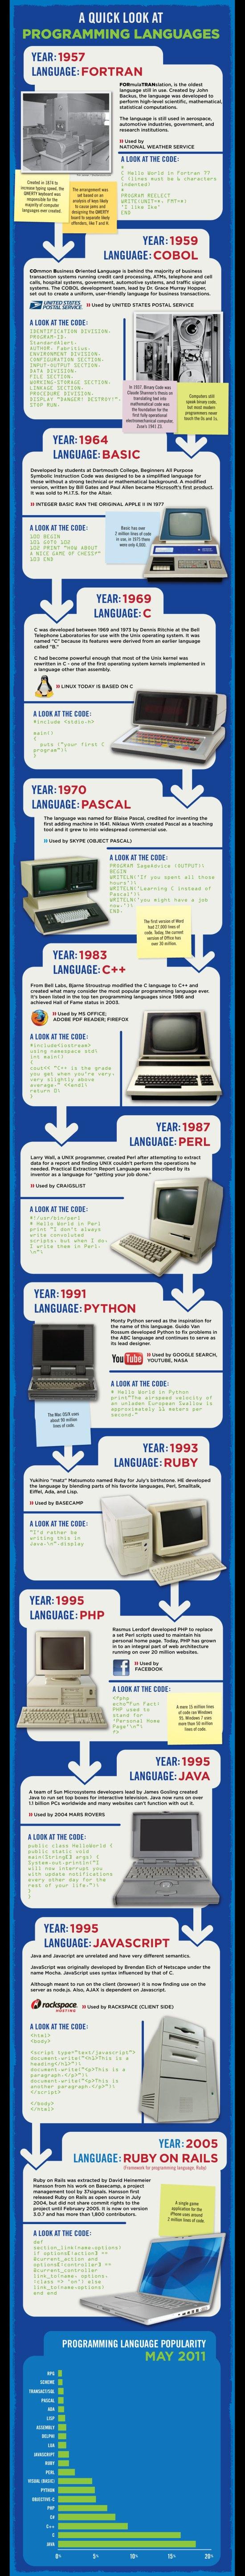 L'histoire des langages de programmation